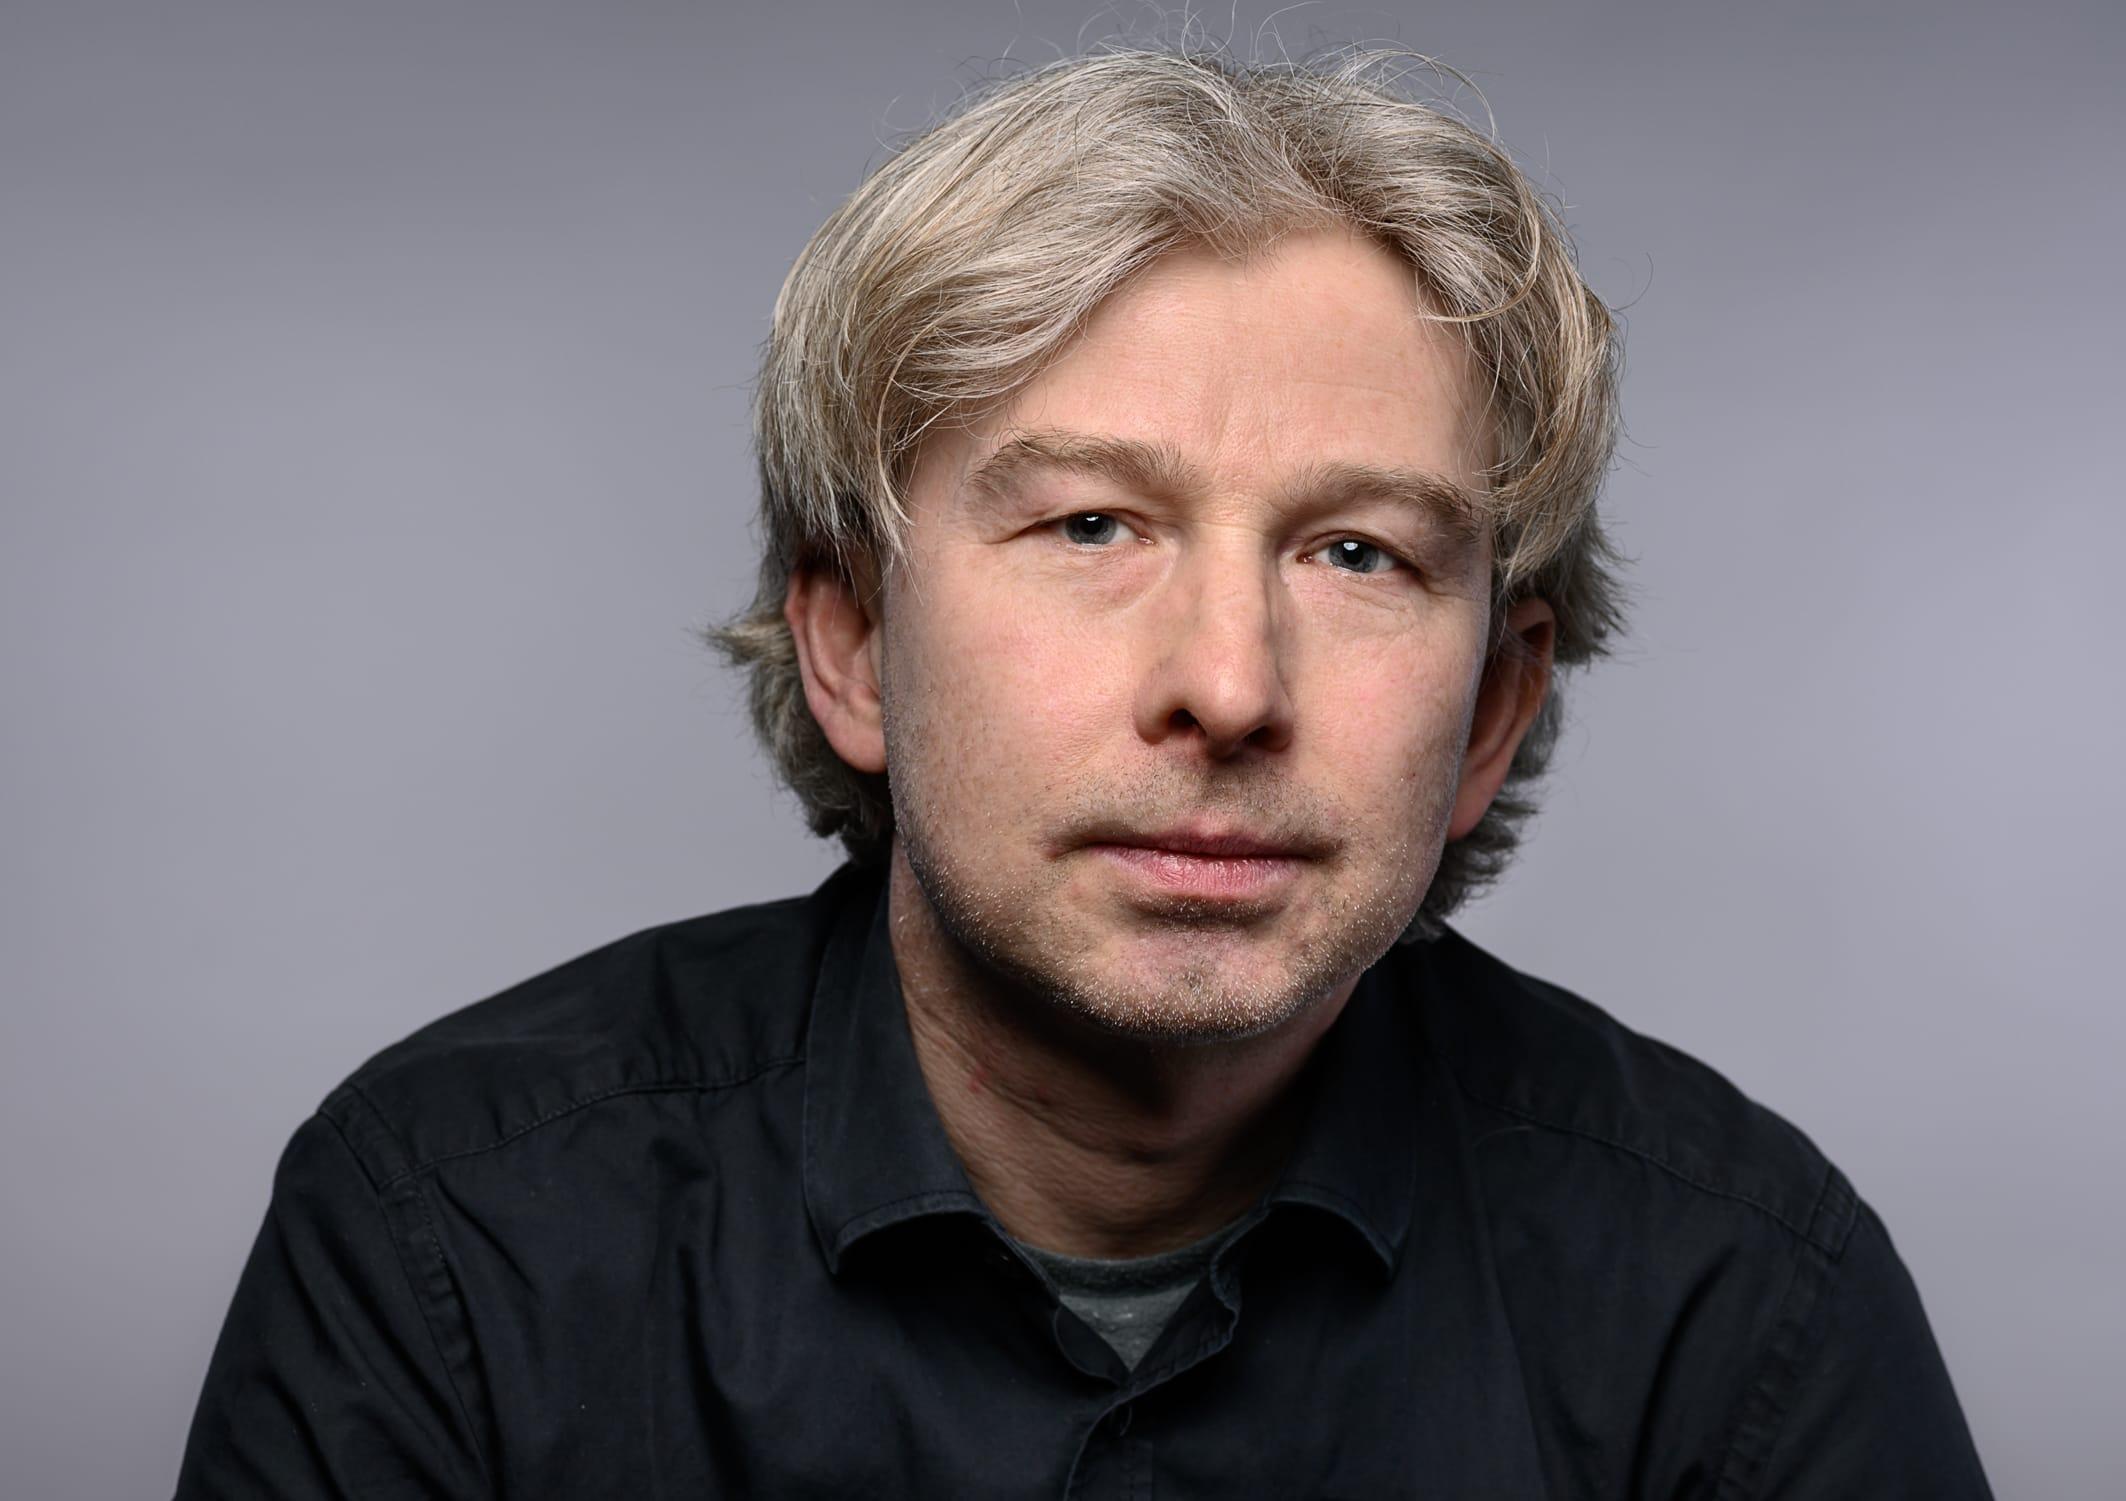 portrait Foto von Dorian Schemmann